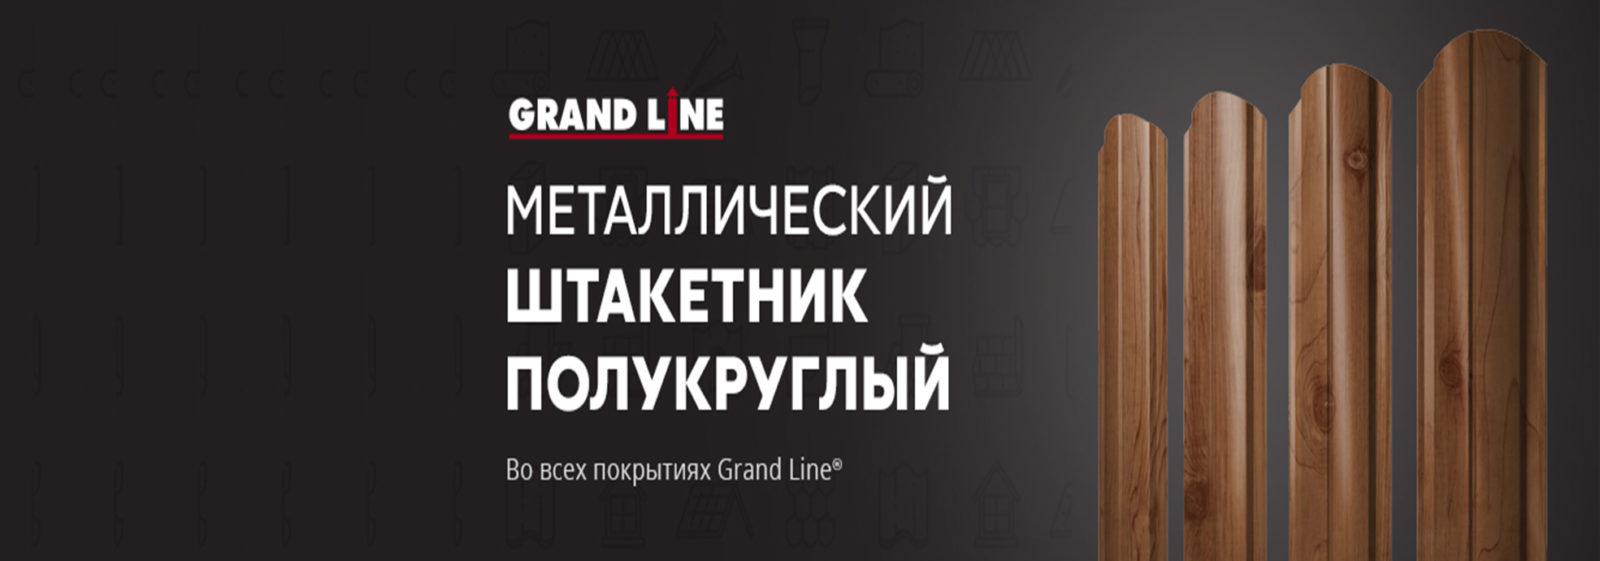 штакетник полукруглый Grand Line